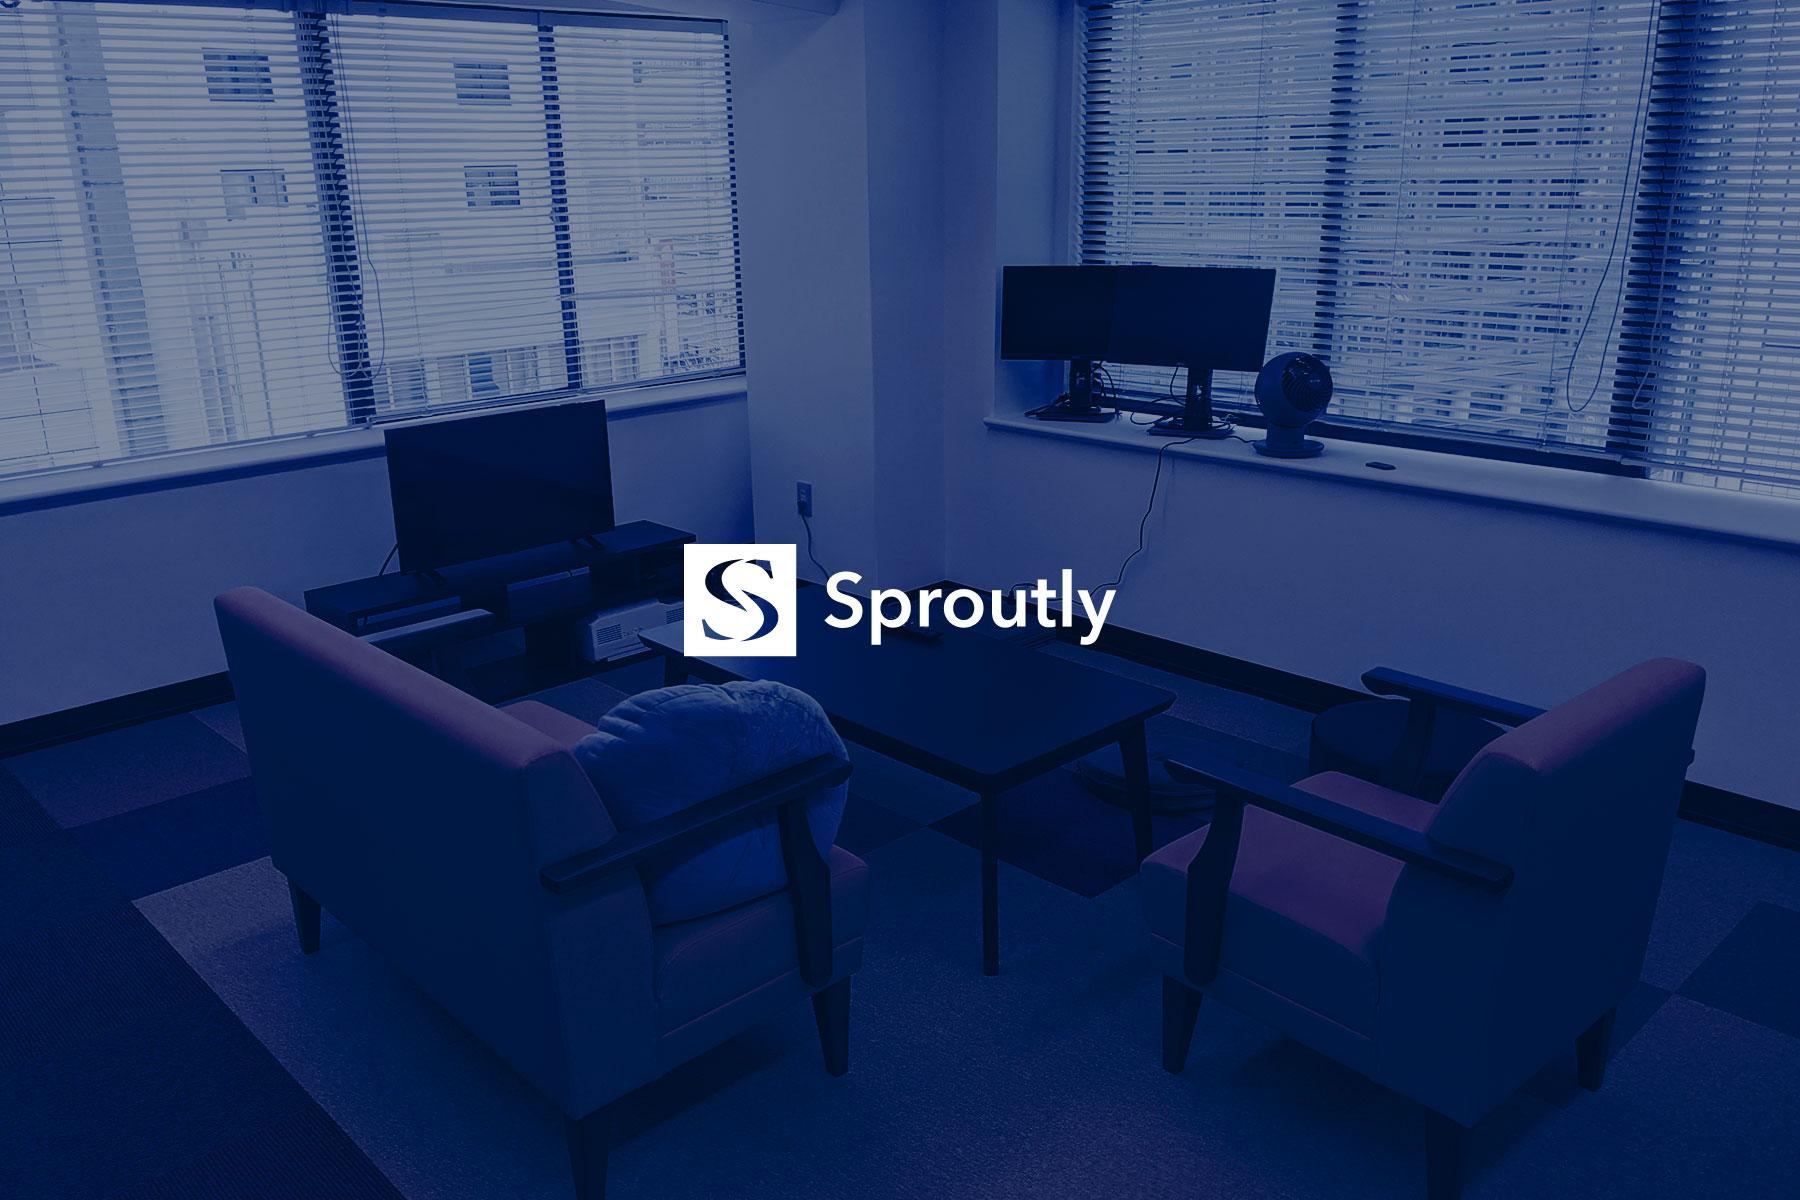 Sproutly 株式会社のトップ画像